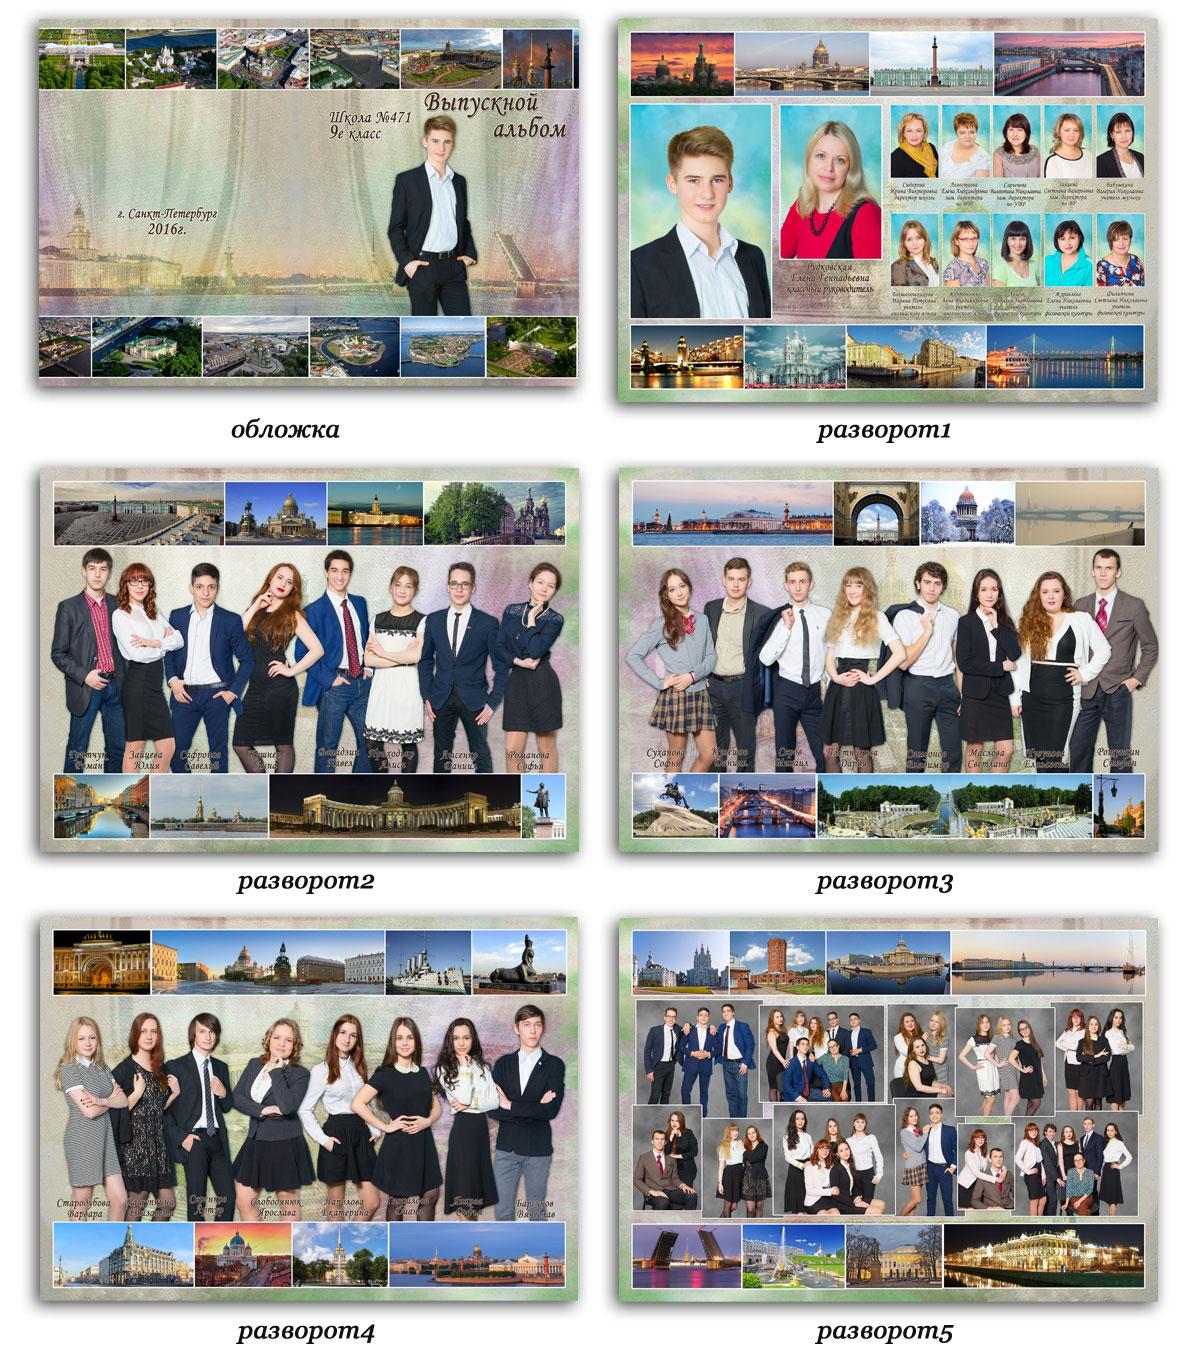 Дизайн разворотов страниц выпускного фотоальбома 9-11 класс «ПЕТЕРБУРГ»